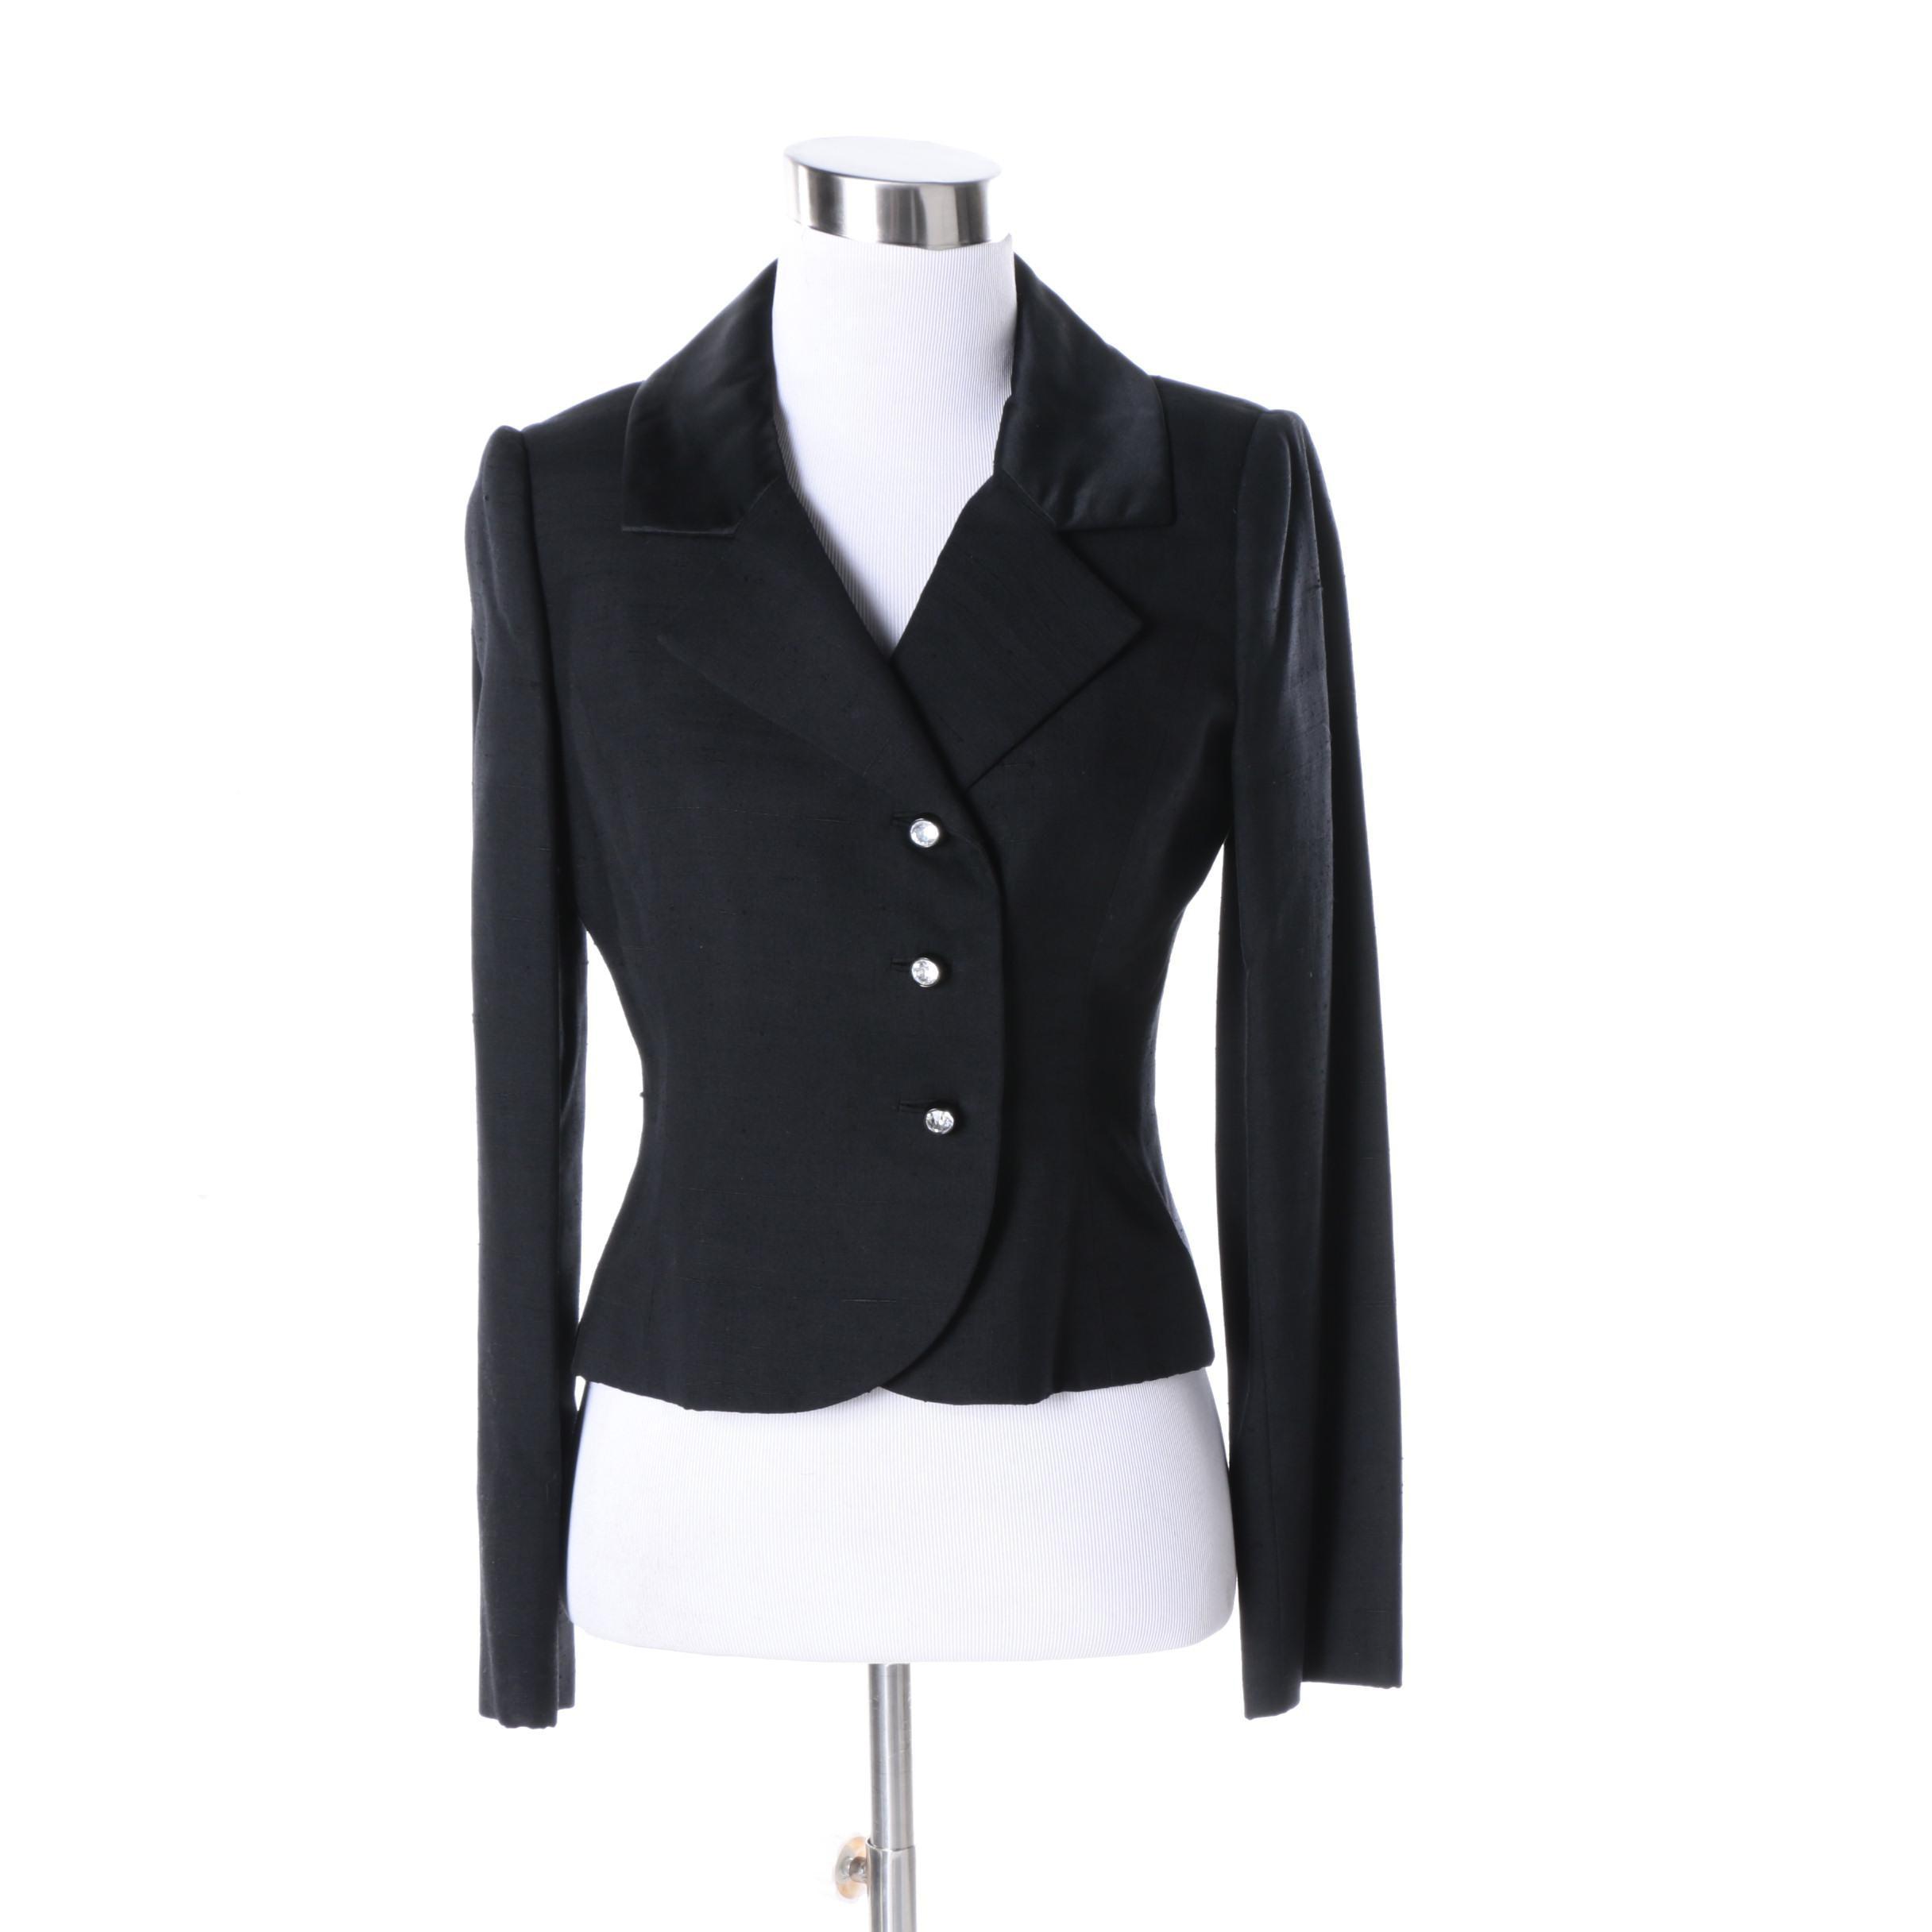 Women's Vintage Cardinali Black Cotton Suit Jacket